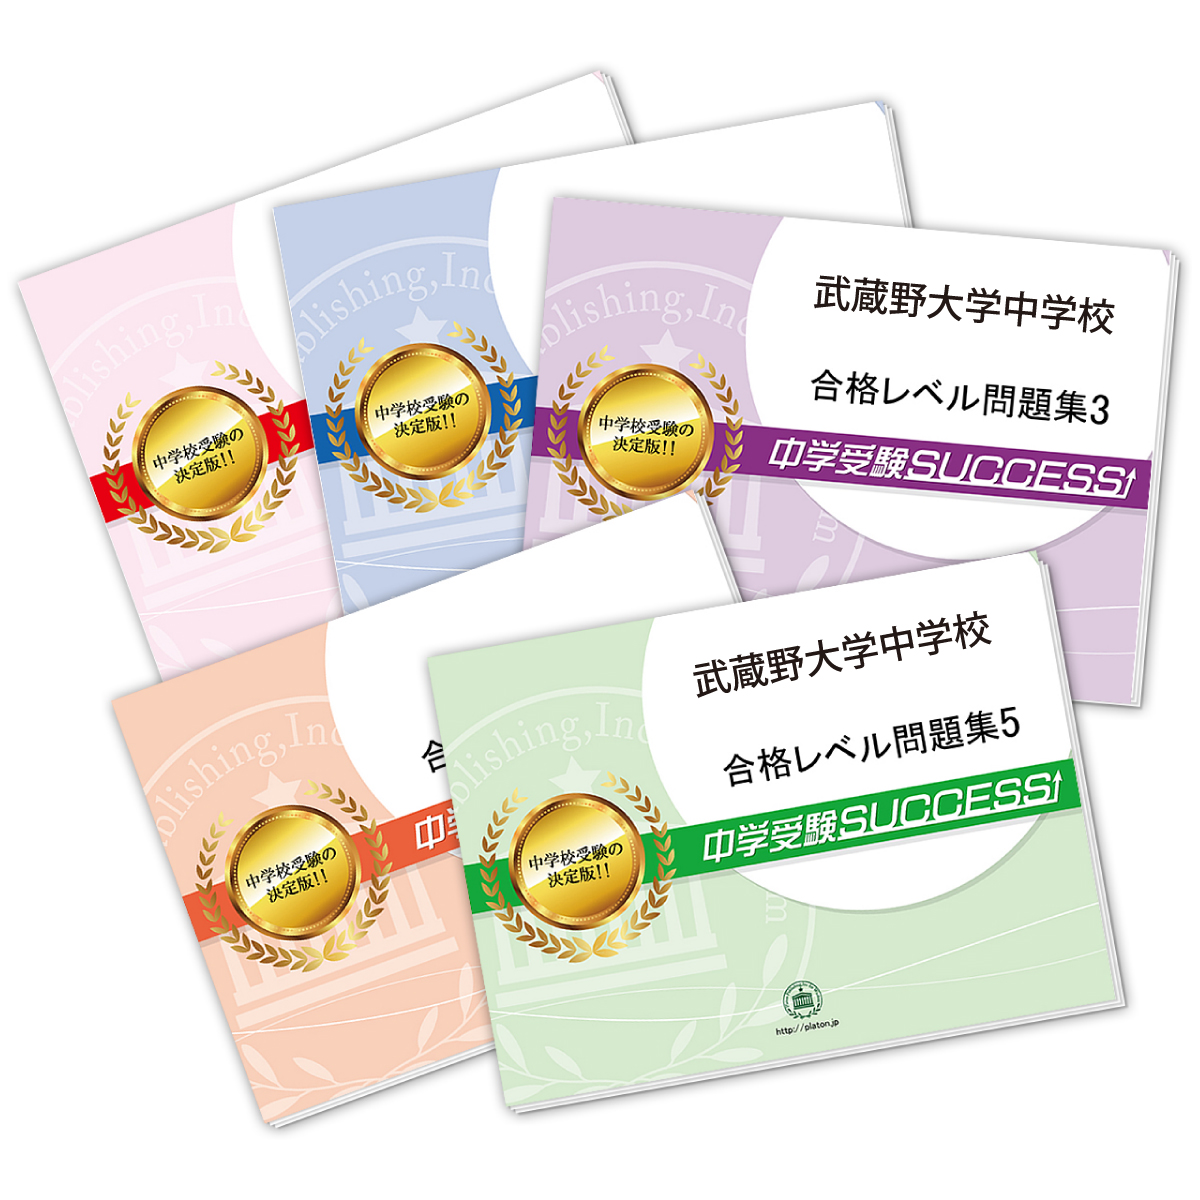 送料 代引手数料無料 武蔵野大学中学校 NEW売り切れる前に☆ 新品 送料無料 5冊 直前対策合格セット